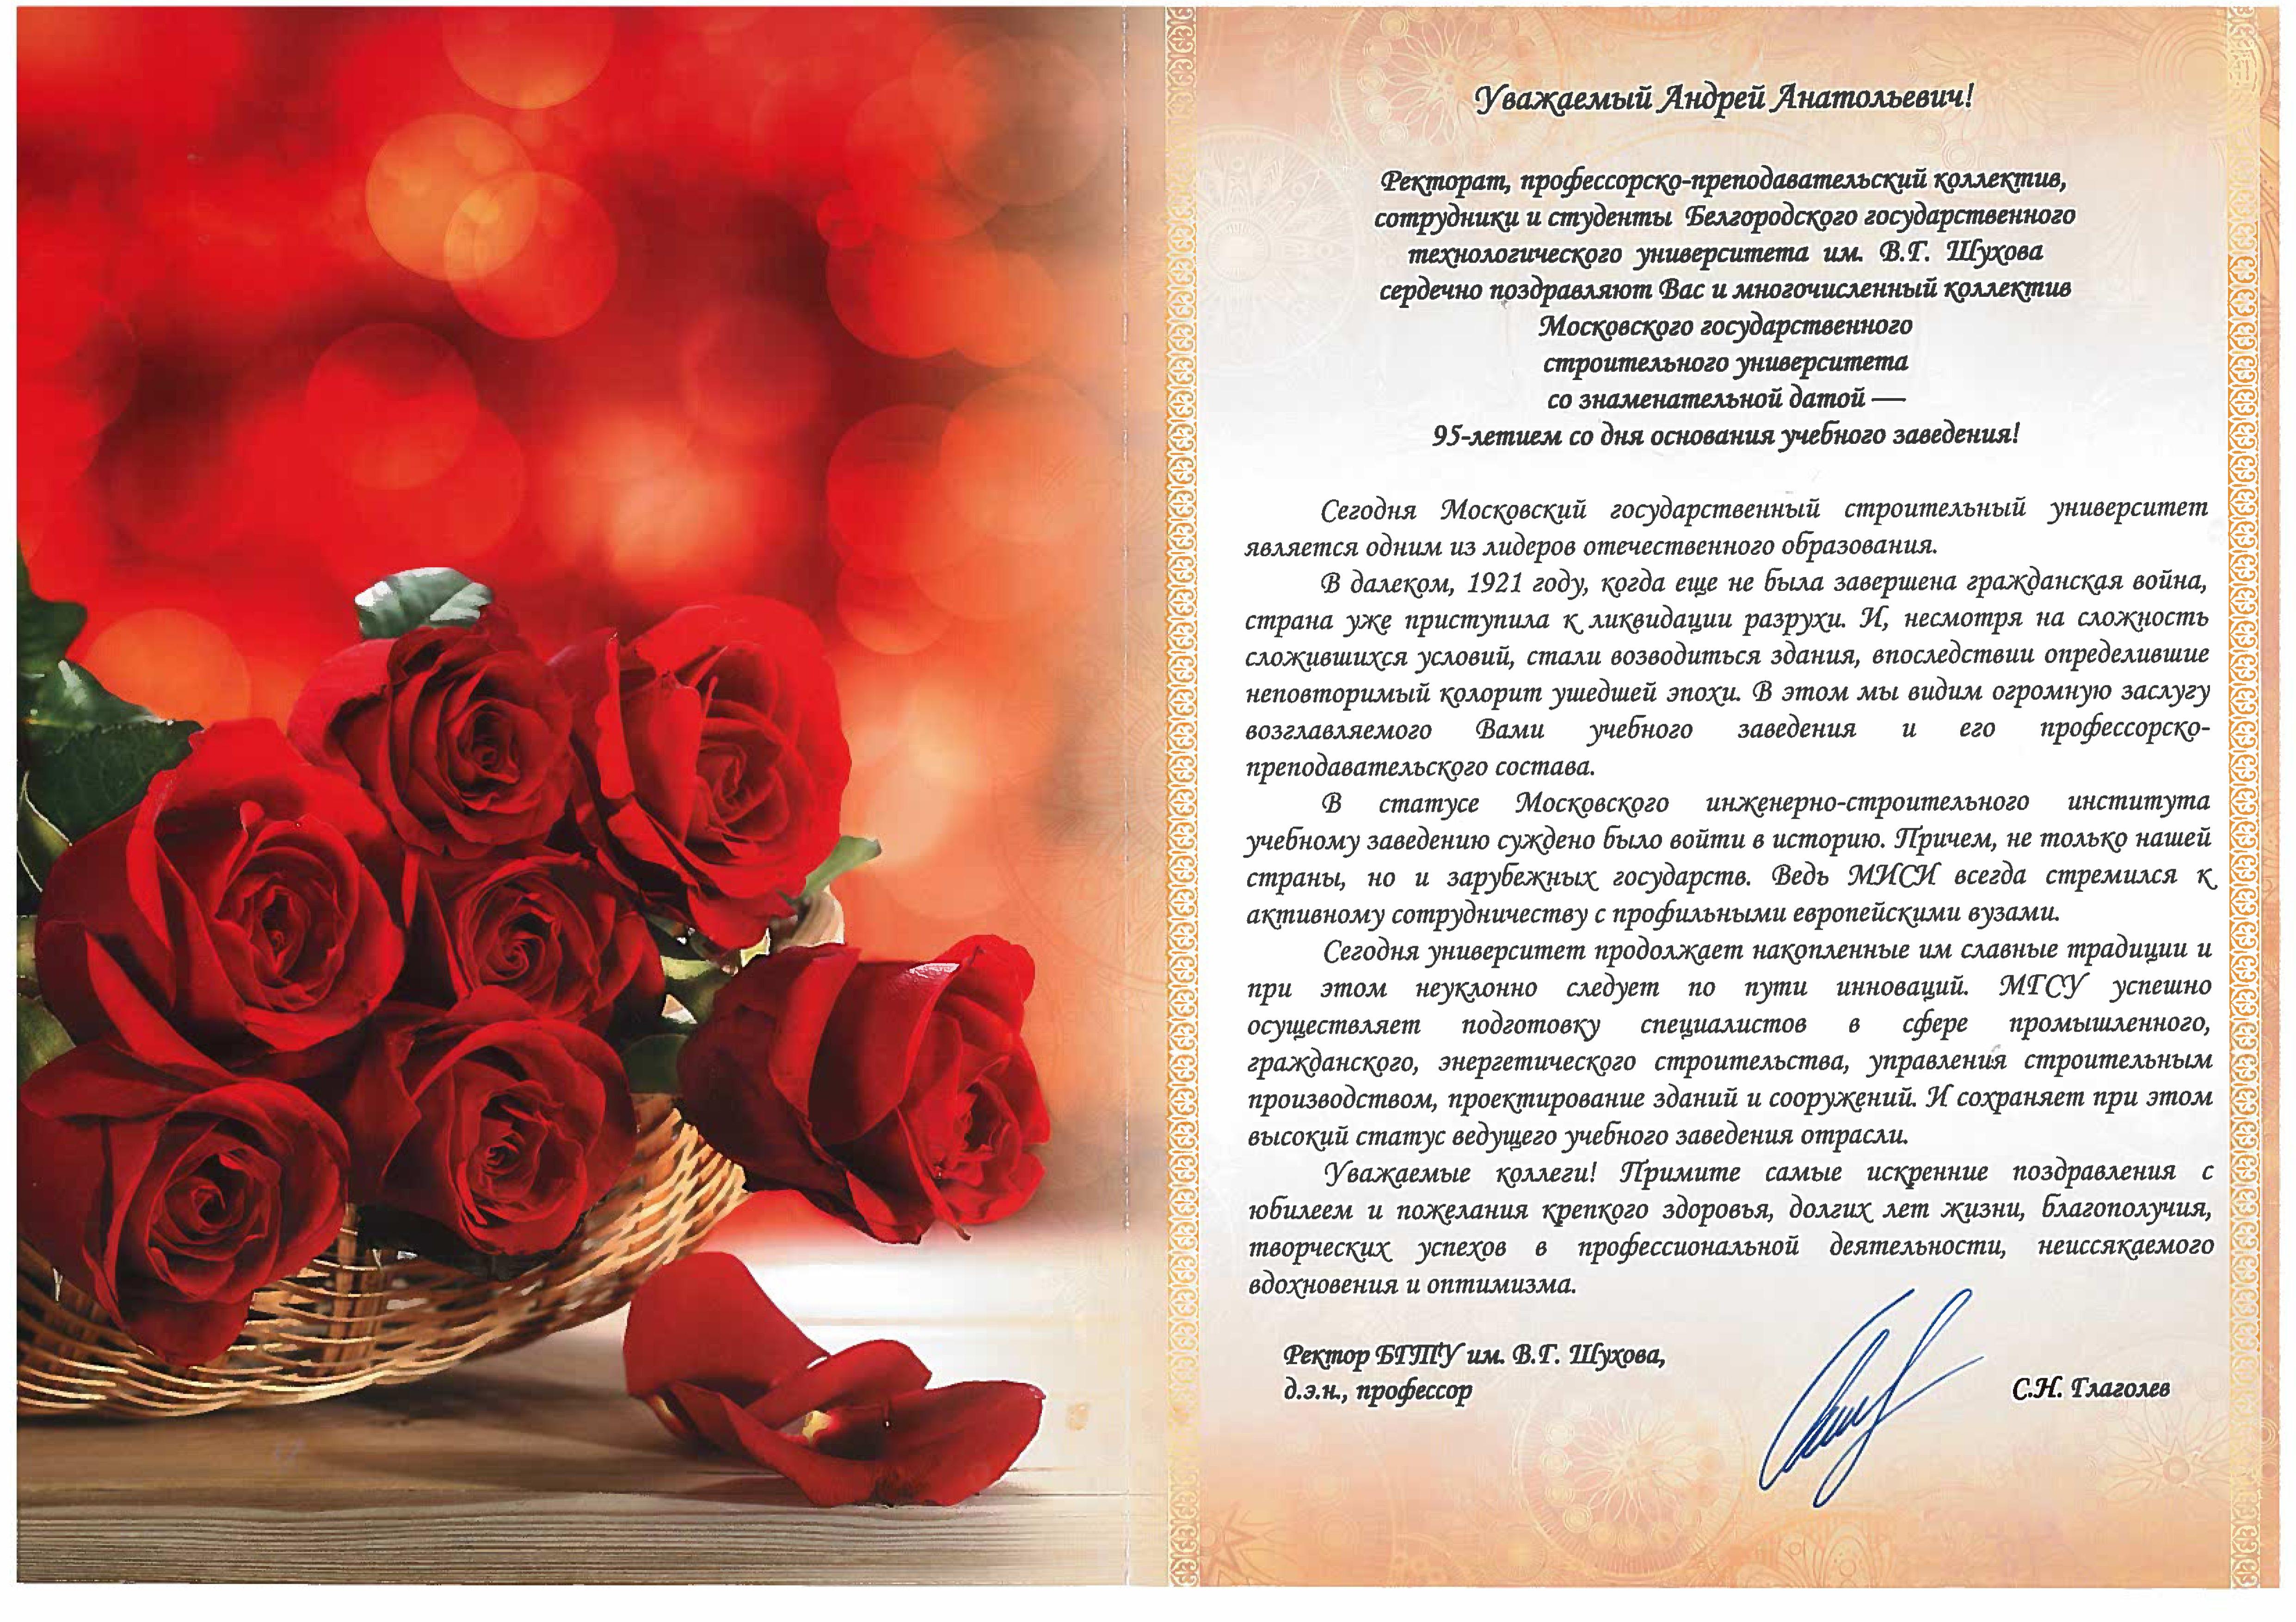 Поздравления со свадьбой от коллектива по работе